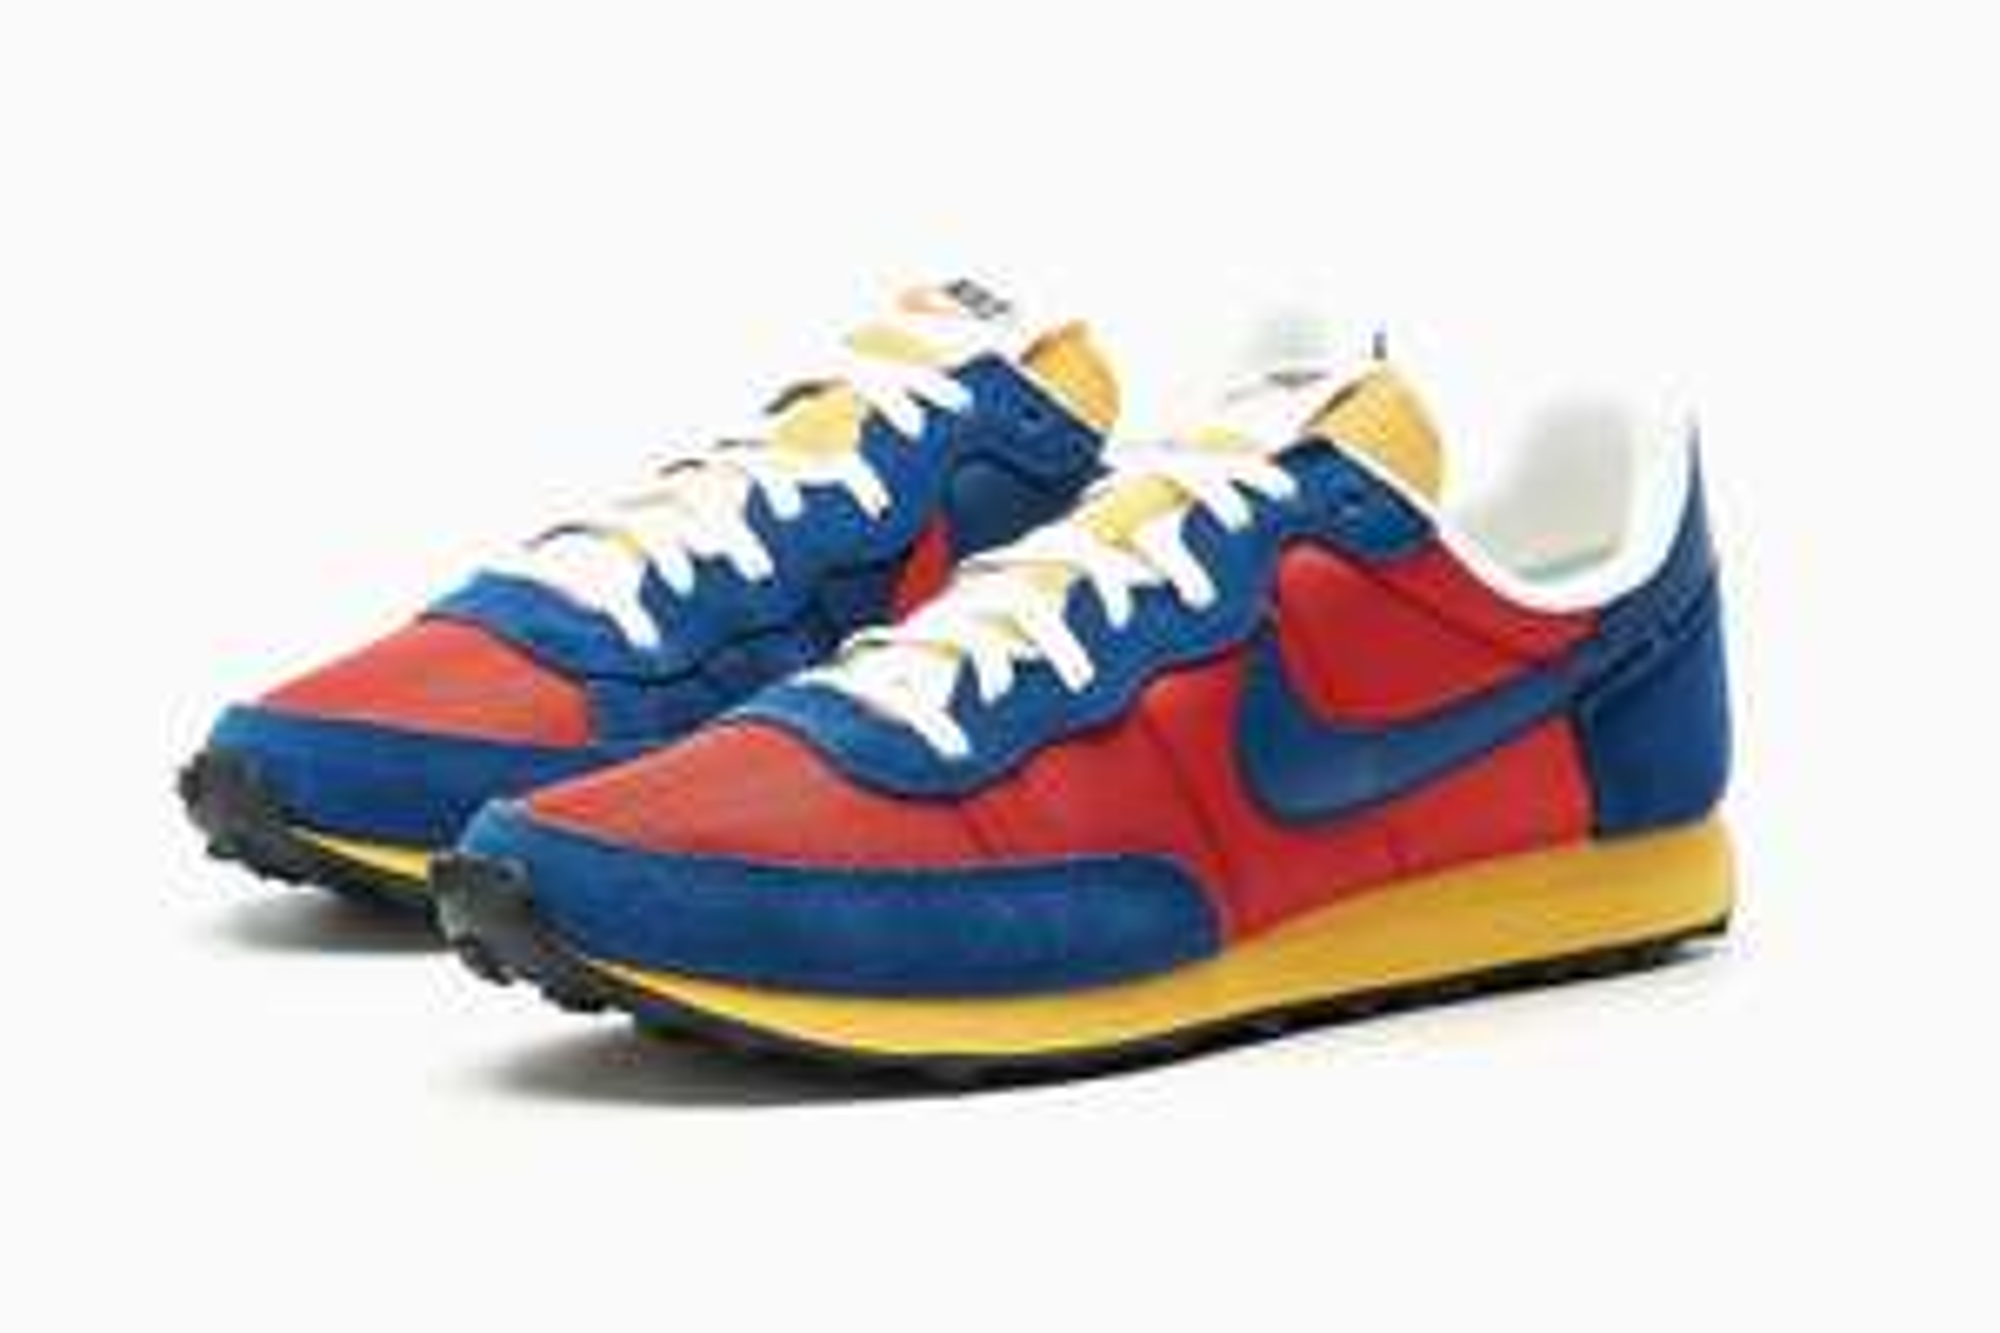 Chaussures Nike Challenger OG Multi - bleu/jaune/rouge ( du 40 au 45)